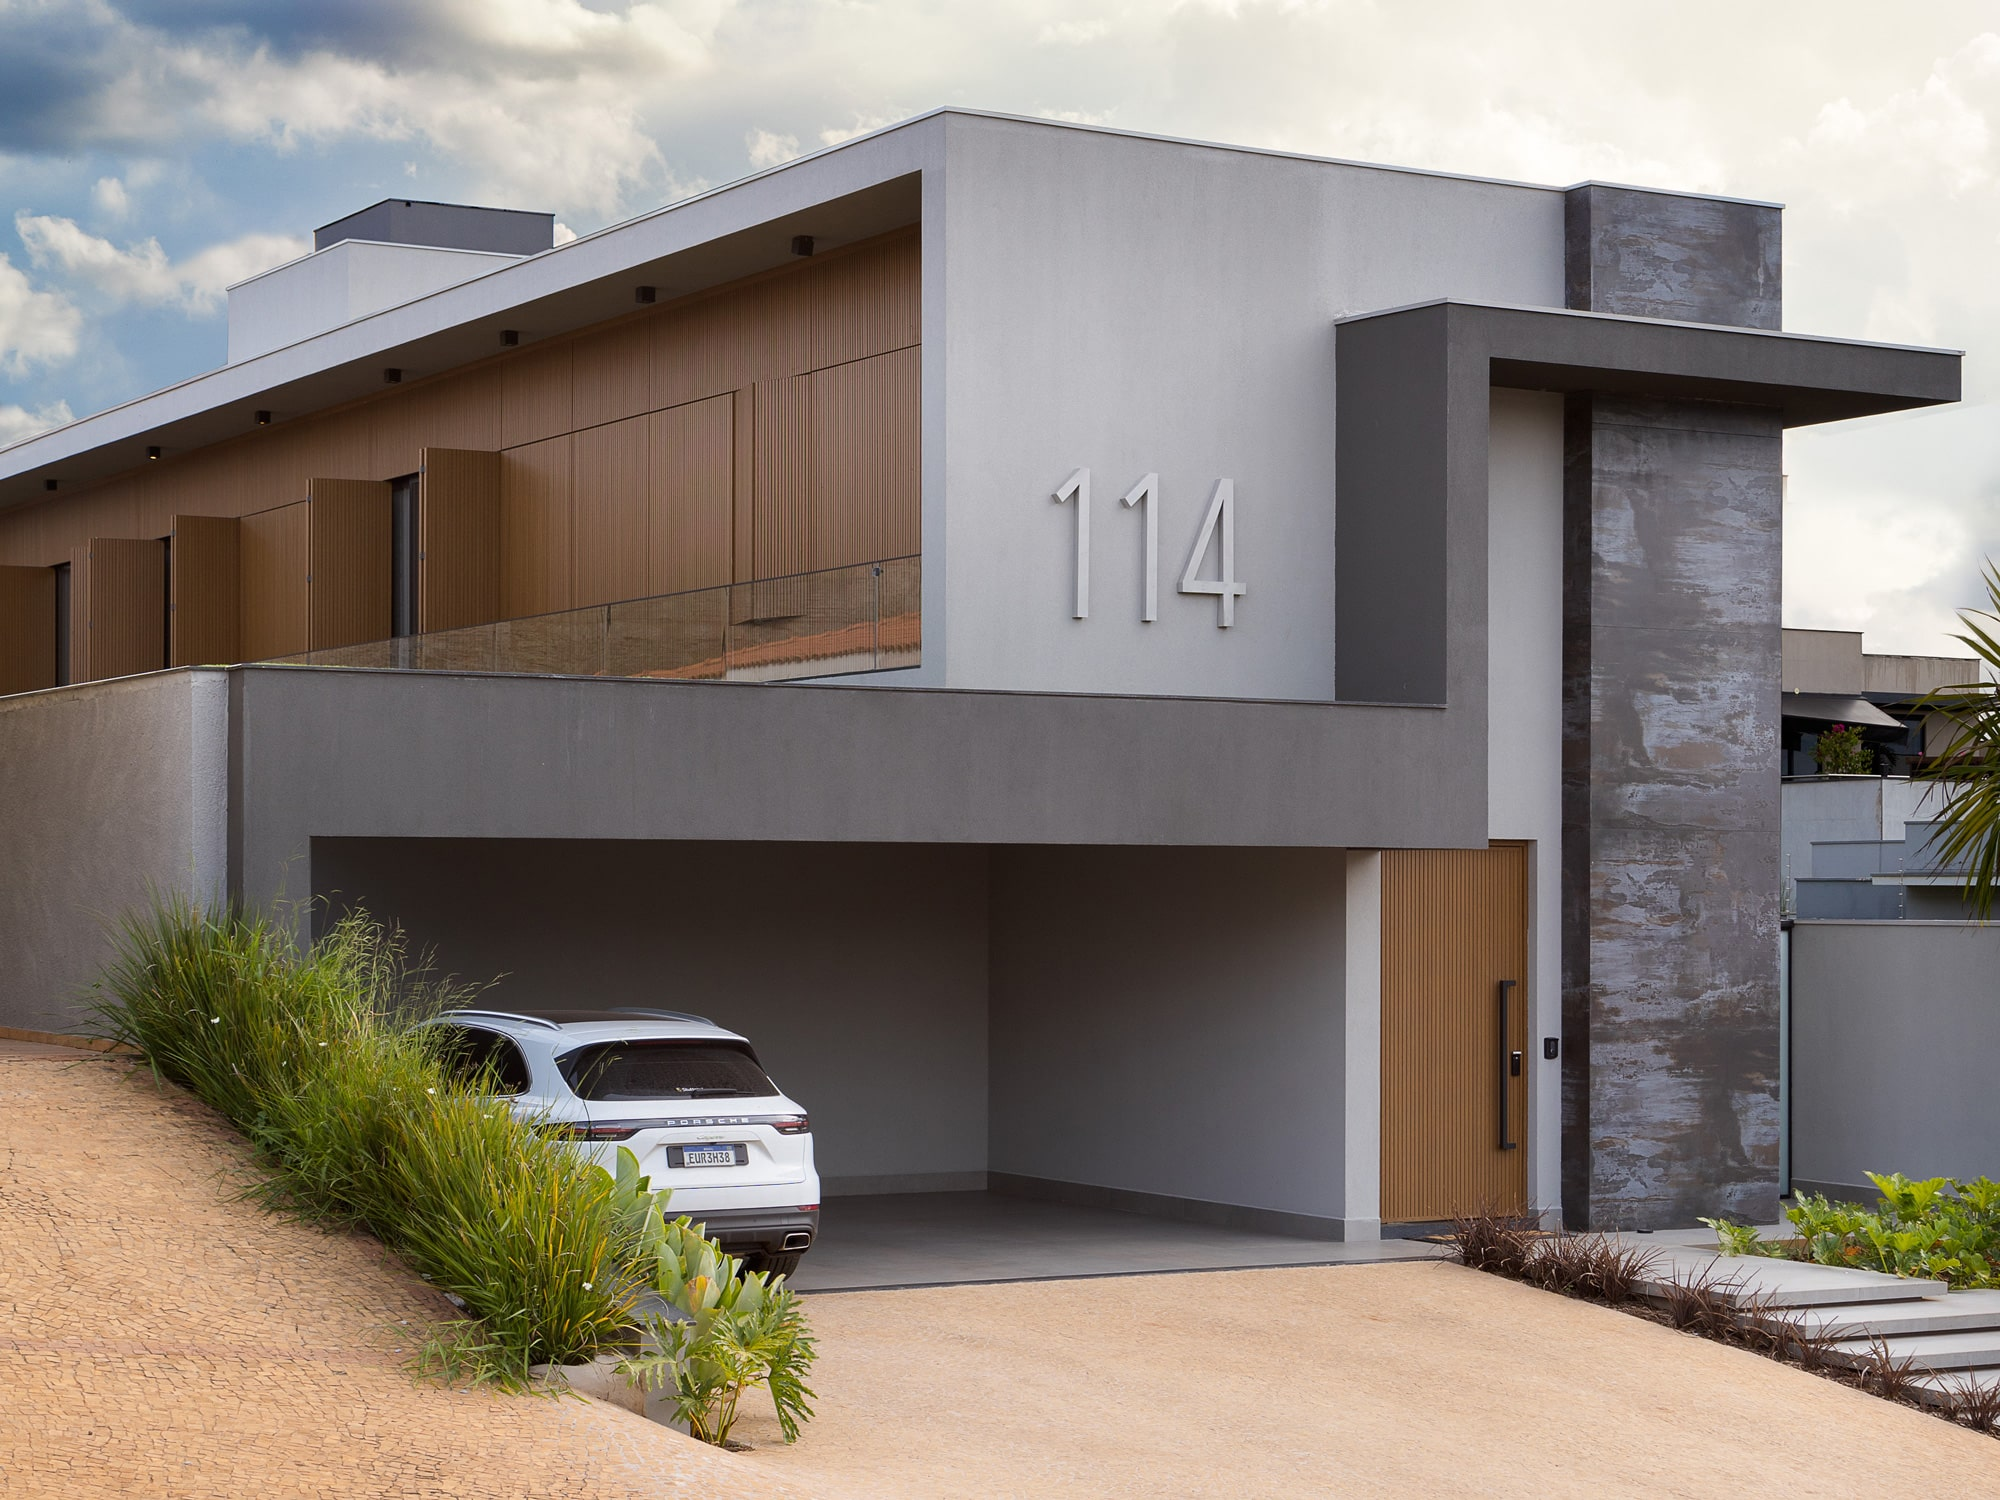 Rio Claro Residential  - CASA 114 1 53